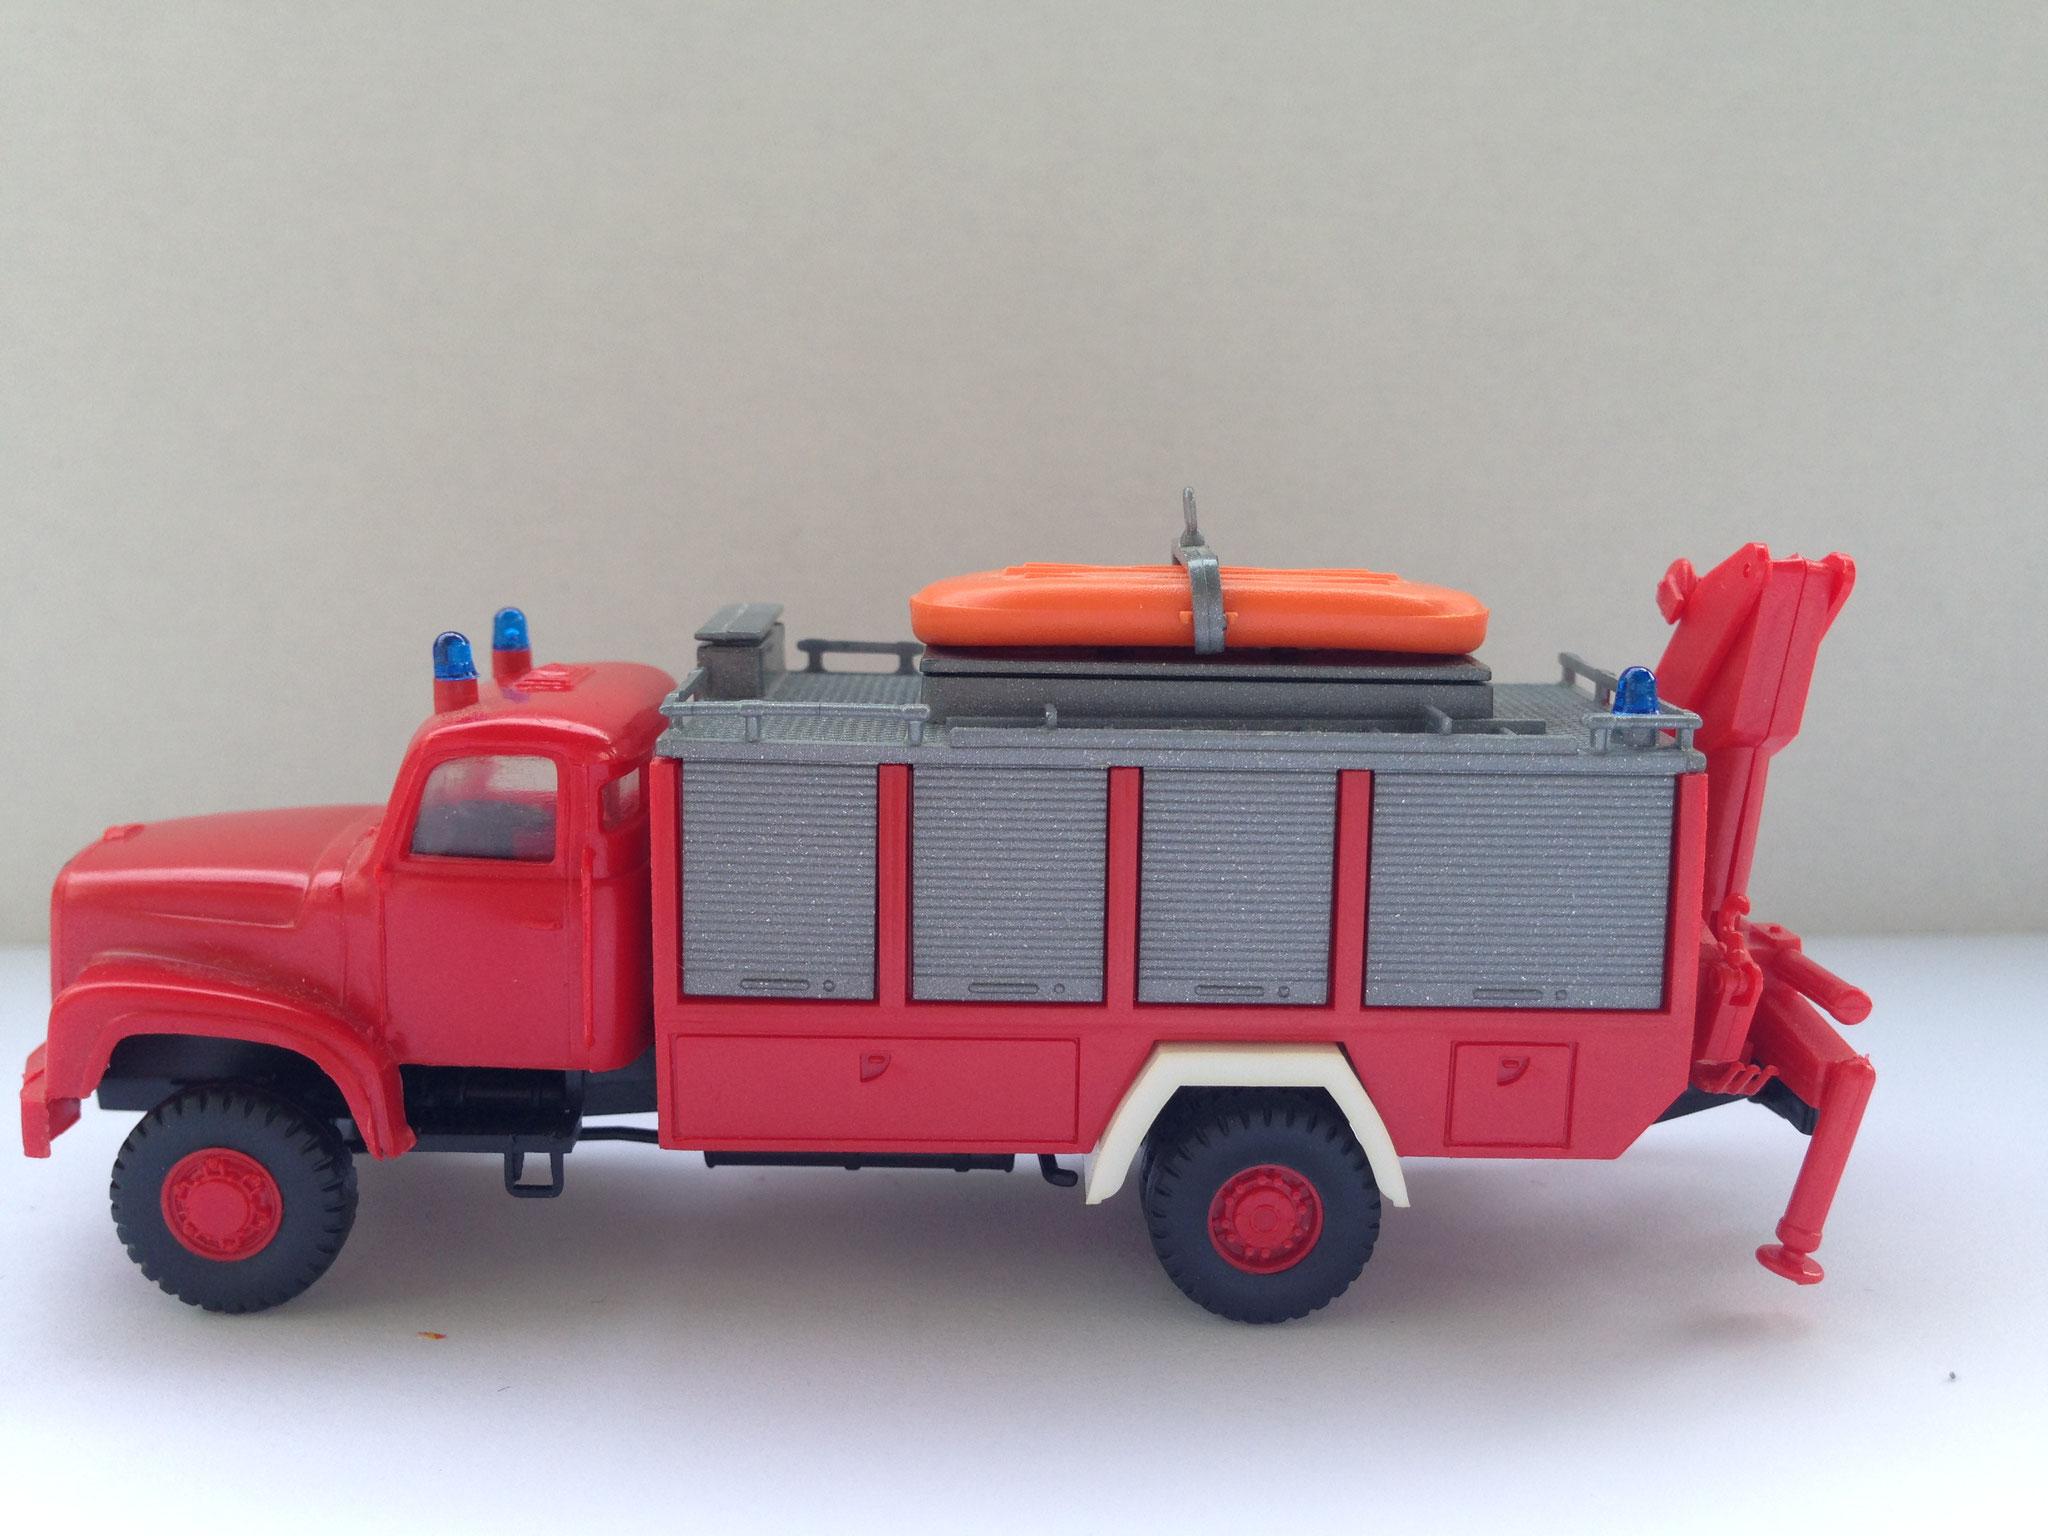 Feuerwehr 2-Achser-Rüstwagen, Rosenbauer-Aufbau, Art. Nr. 442 (ab 1985 im Programm)